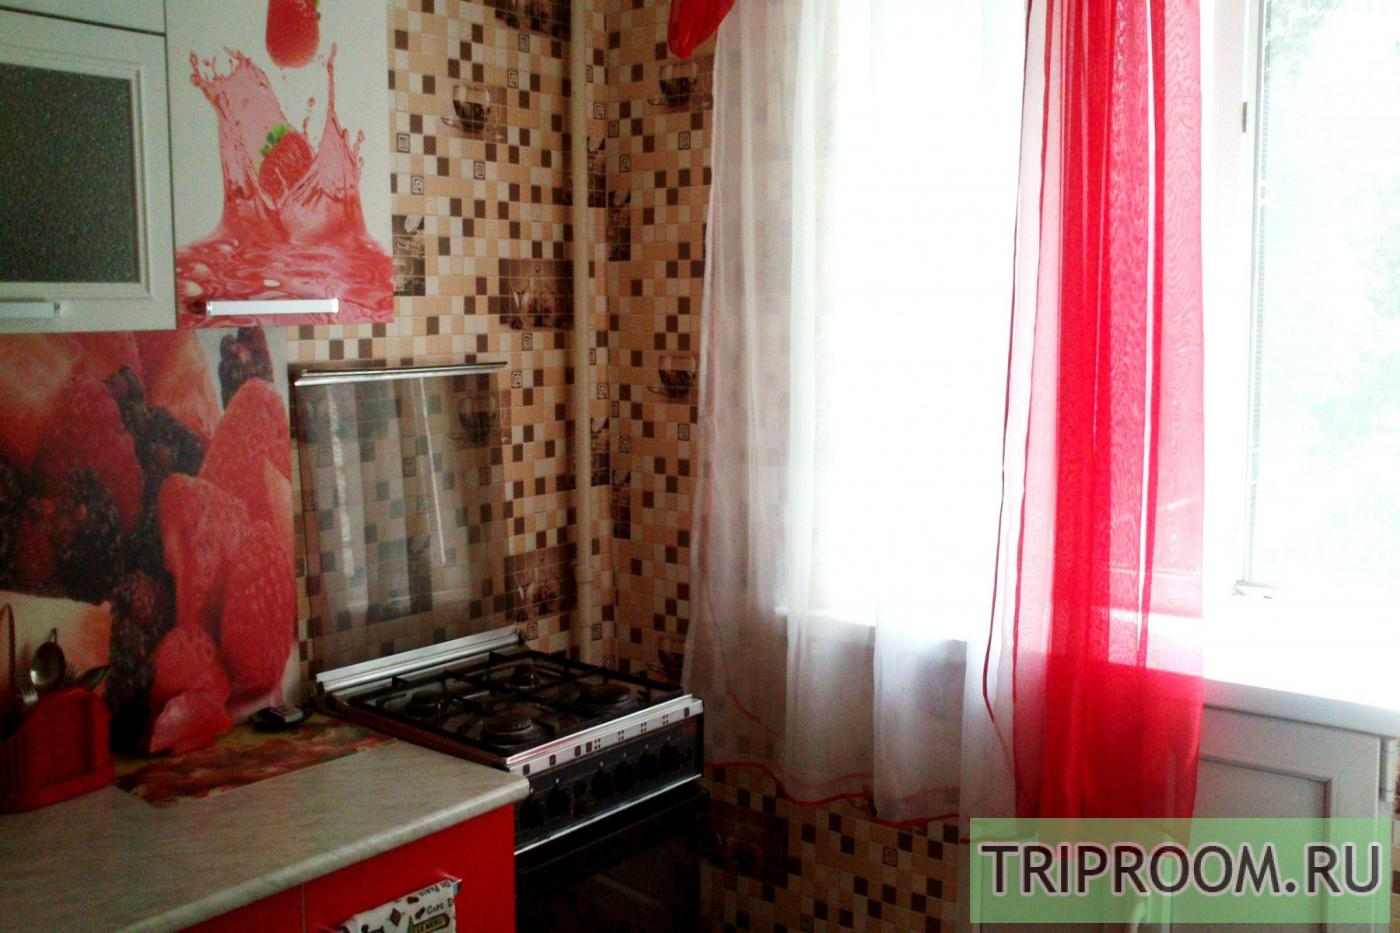 2-комнатная квартира посуточно (вариант № 12439), ул. Чернышевского улица, фото № 2